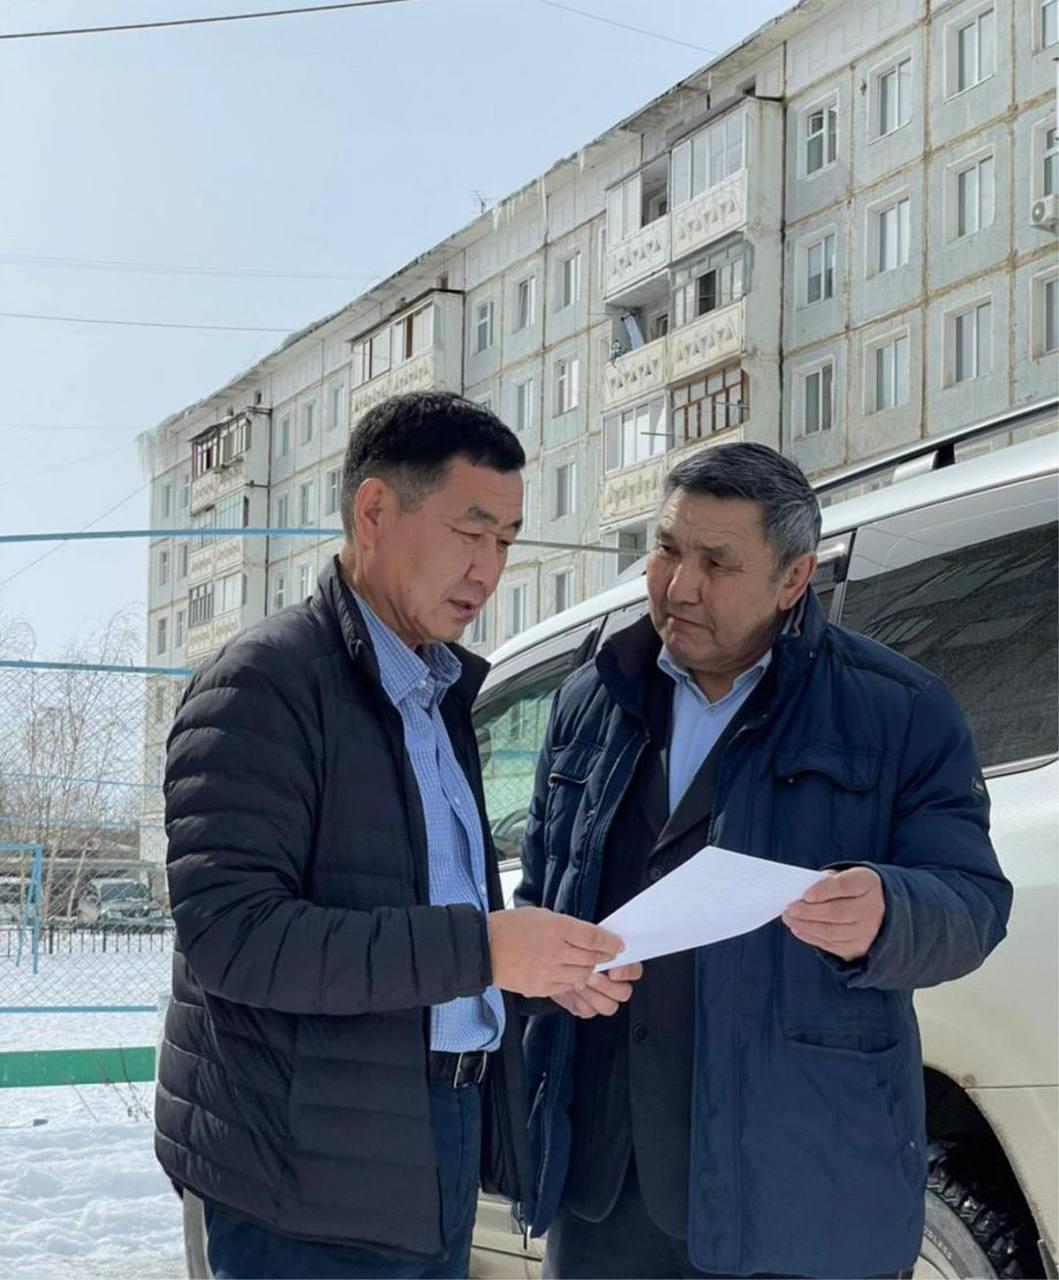 Ивану ШАМАЕВУ отказали в проведении праздничного шествия